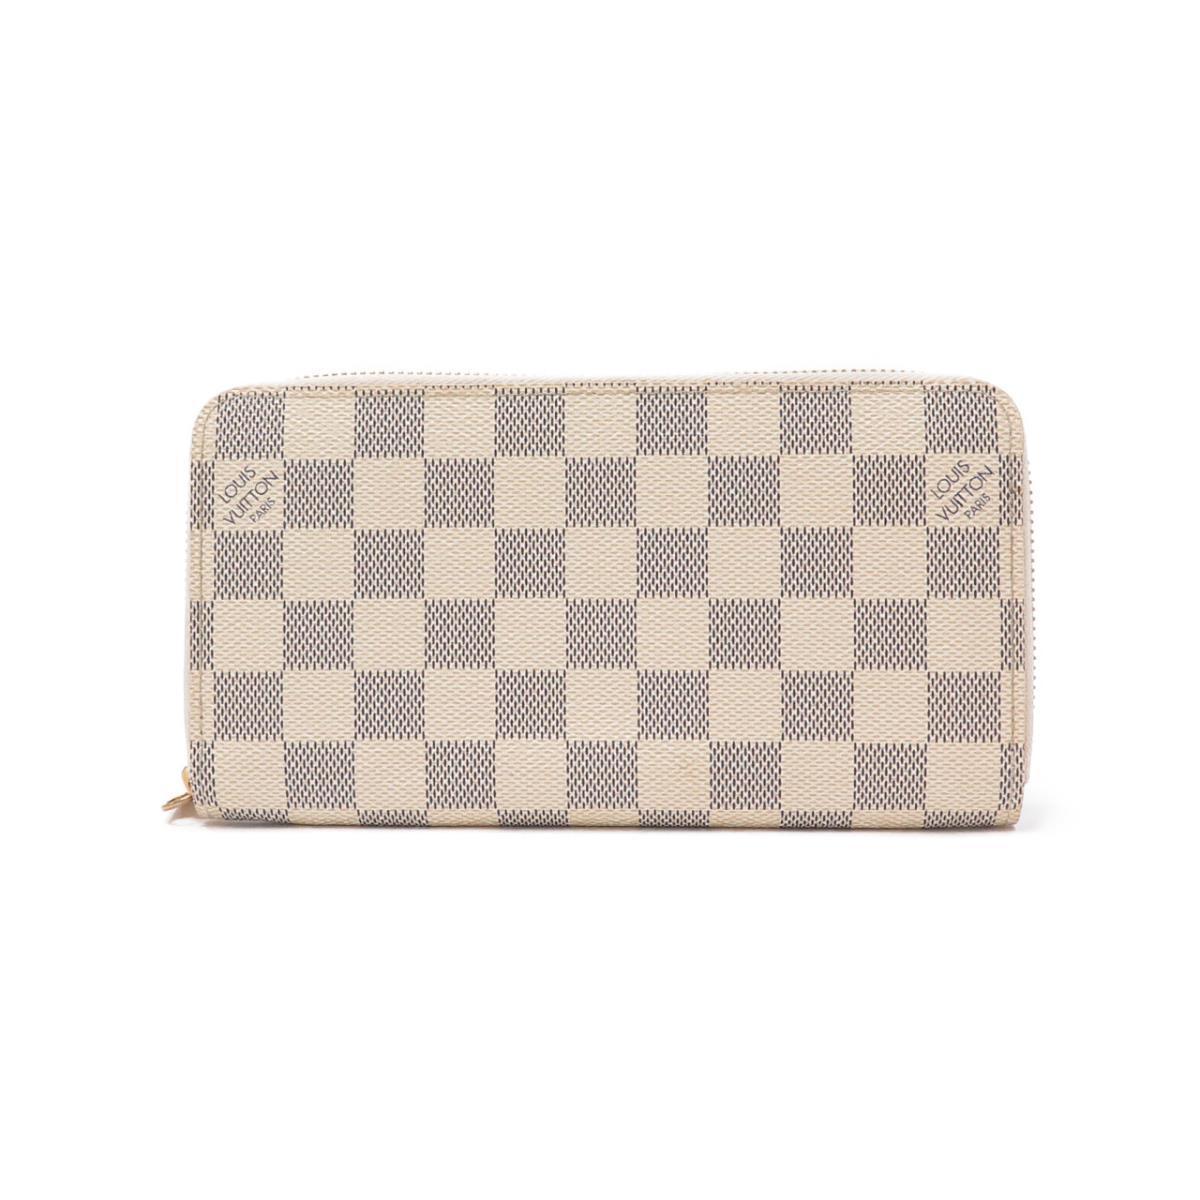 激安価格の ルイヴィトン ダミエアズール 財布 N60019, 自然食品専門店くるみや dd141a10